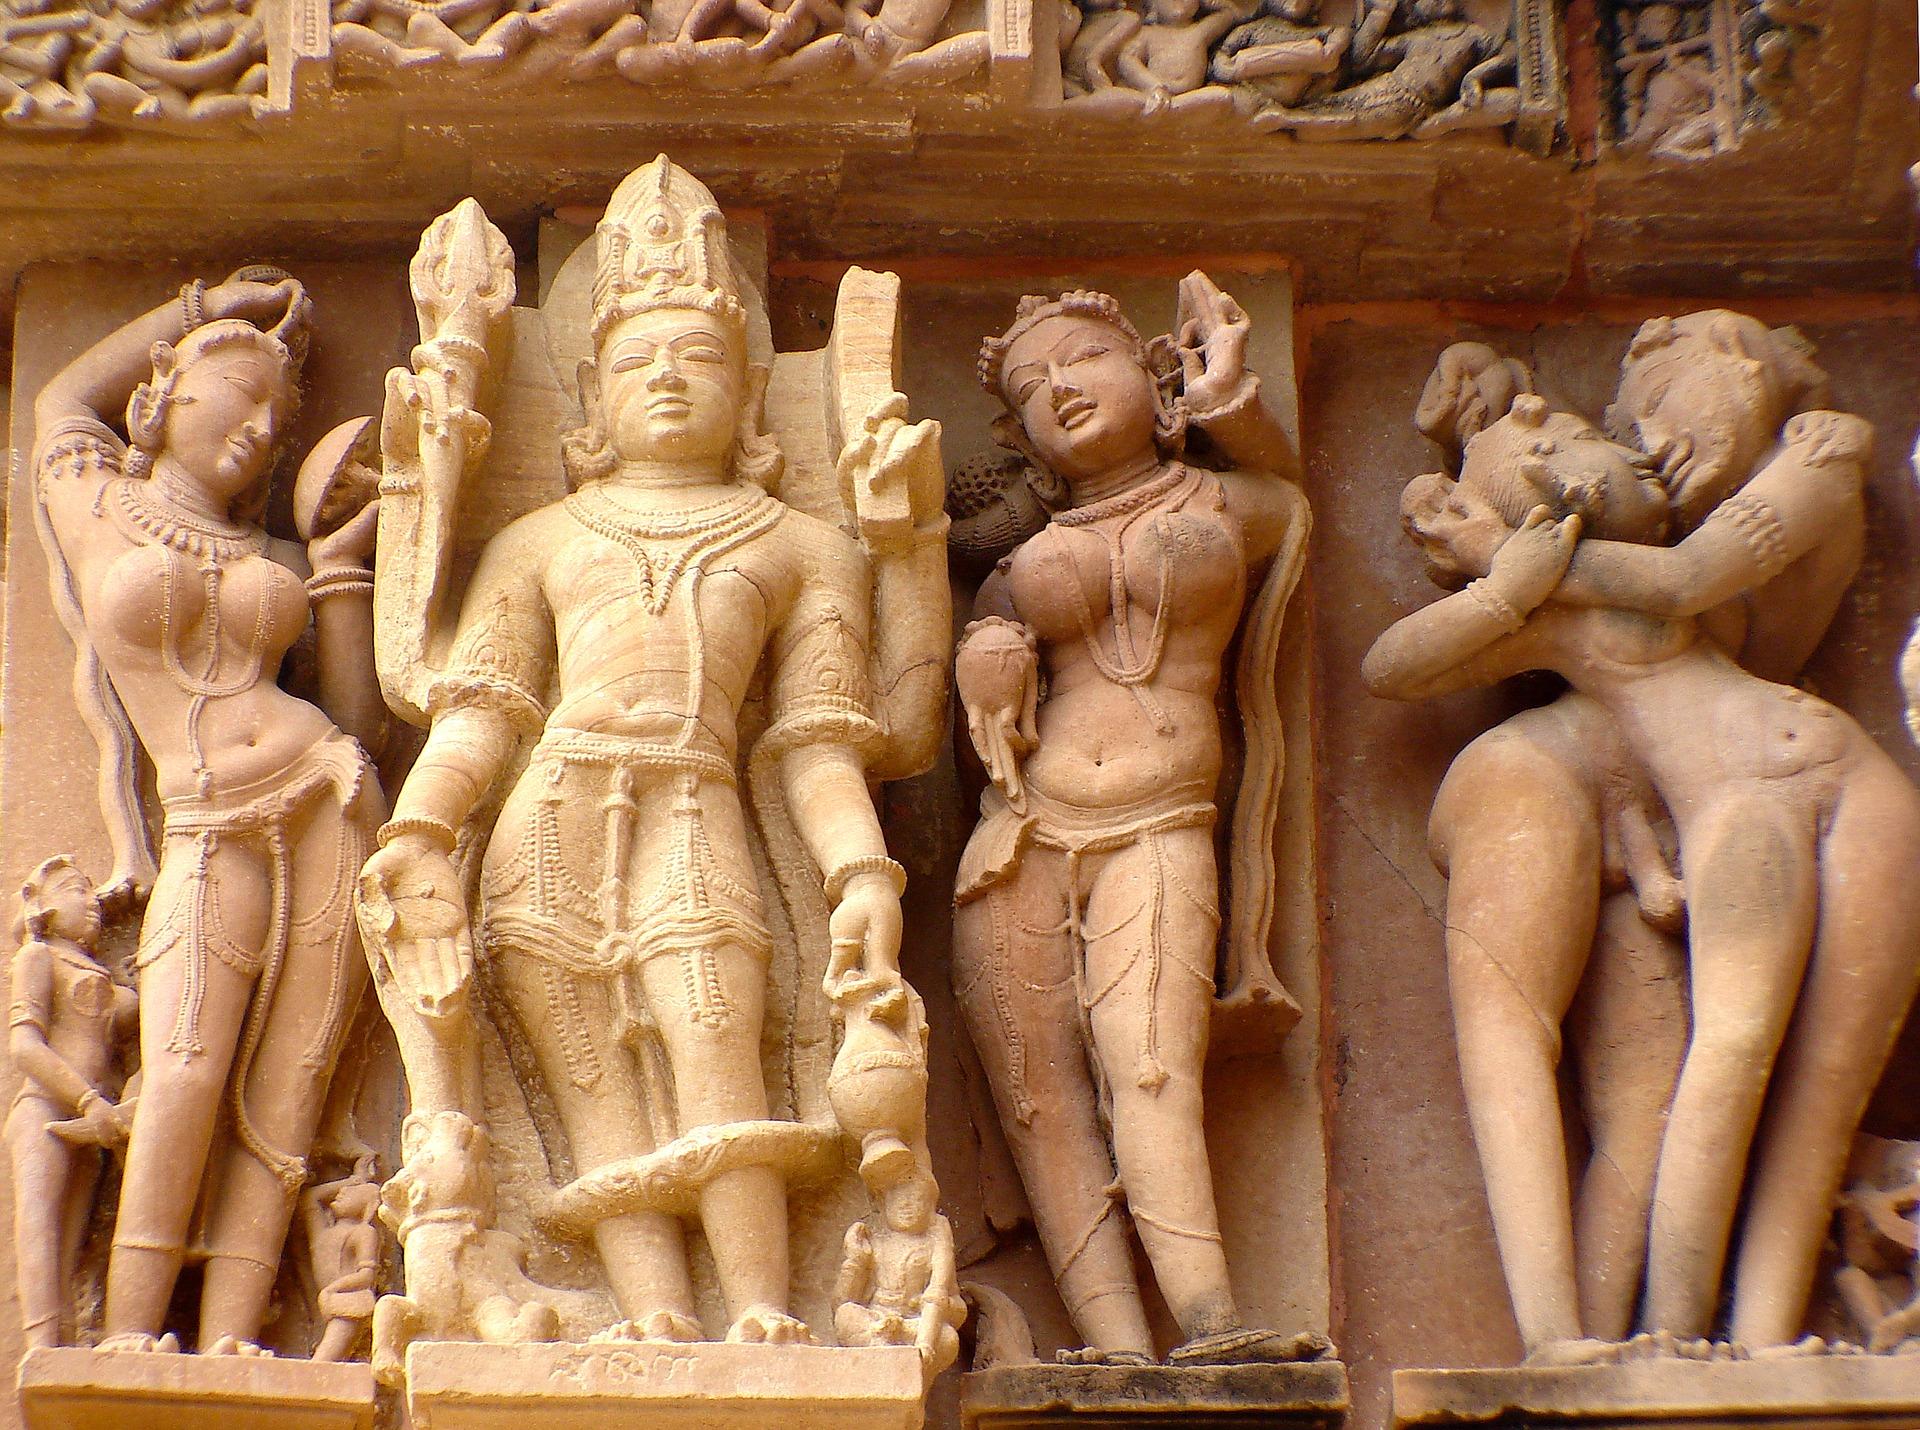 Erotic Sculptures In Indian Temples